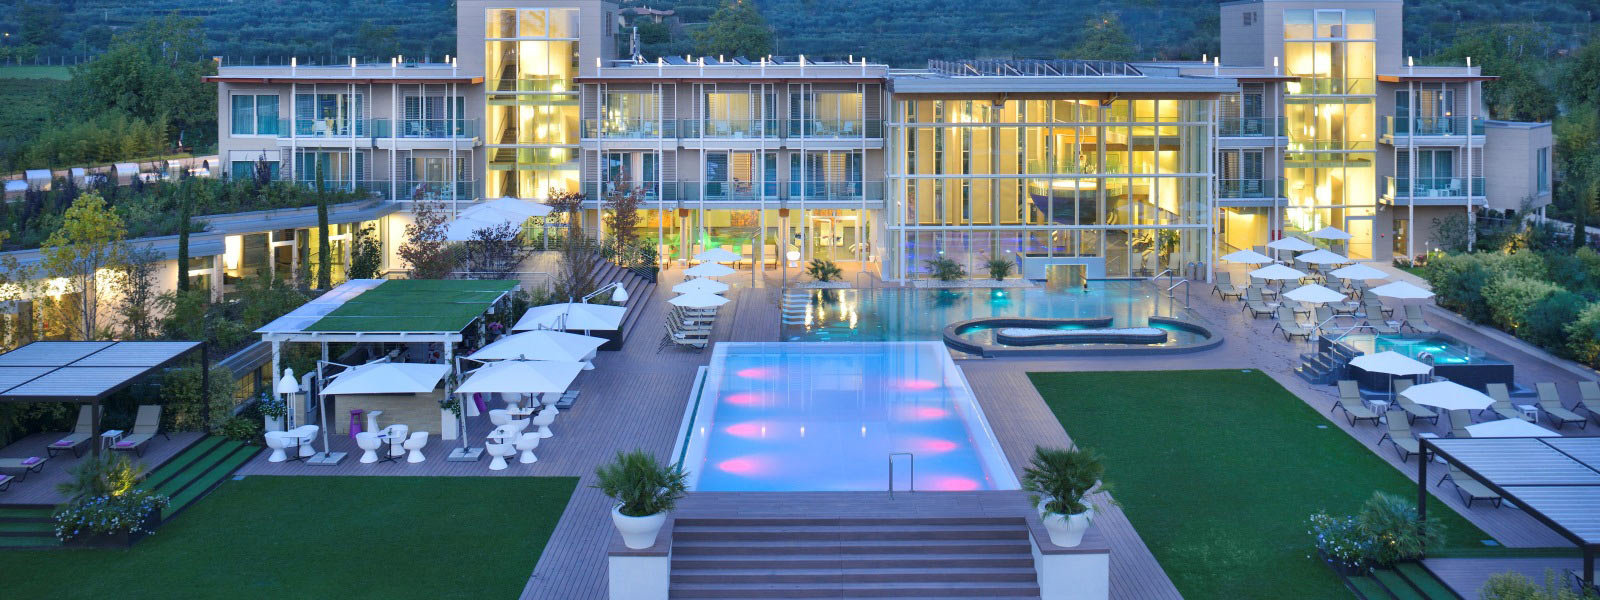 Hotel Bardolino  Stelle Con Piscina